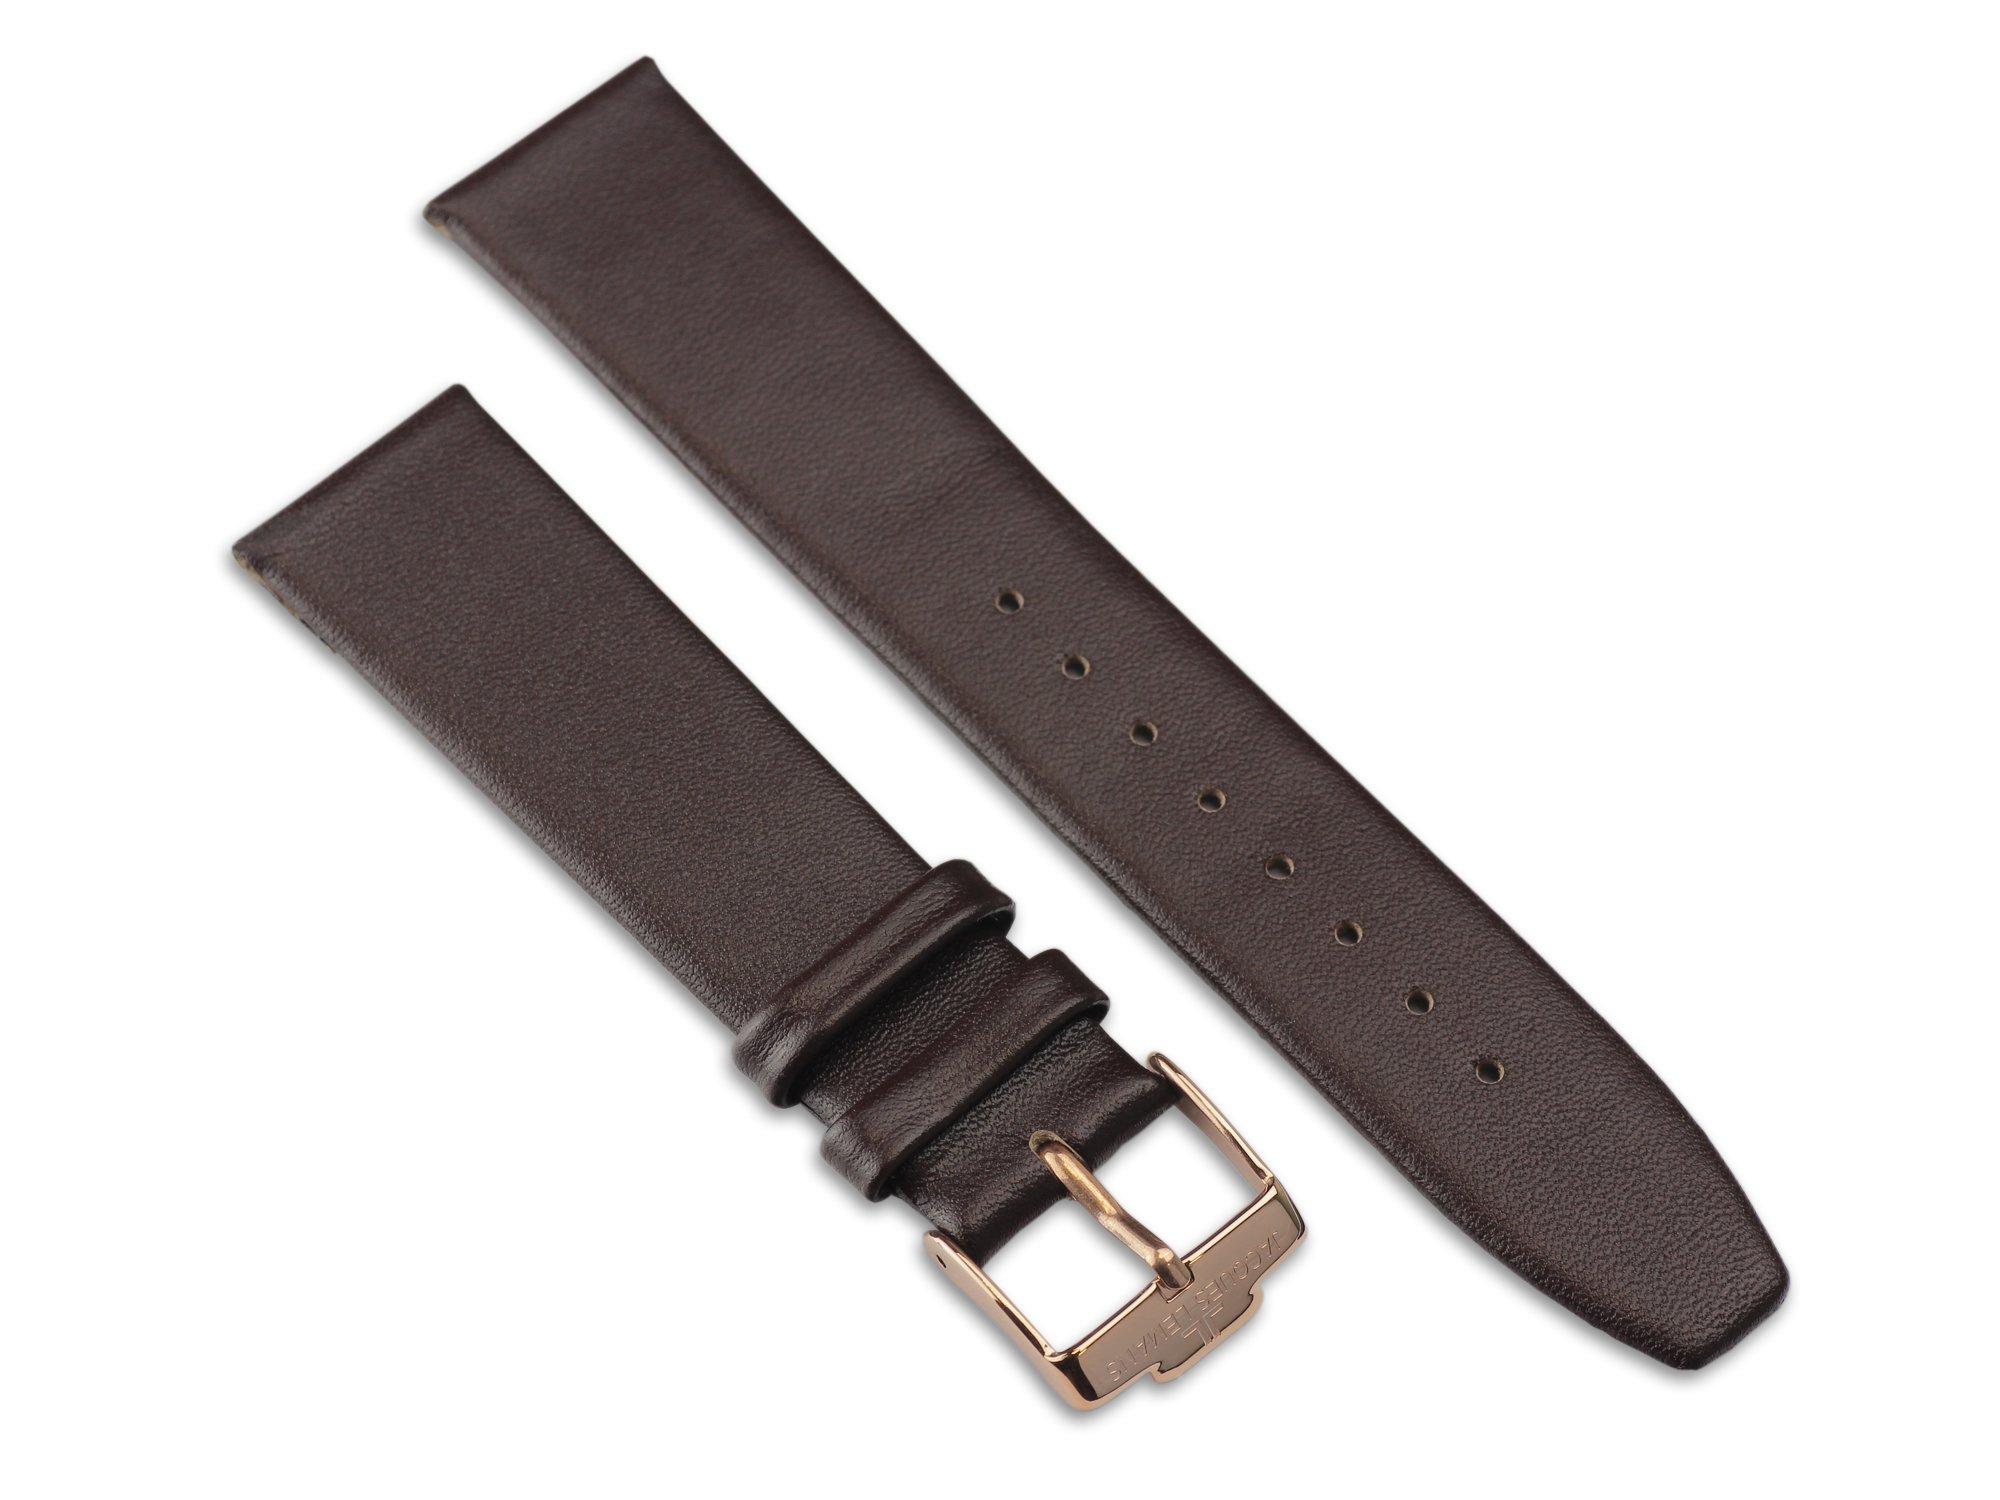 Кожаных ремней для часов стоимость шубу ломбарде москва норковую купить в